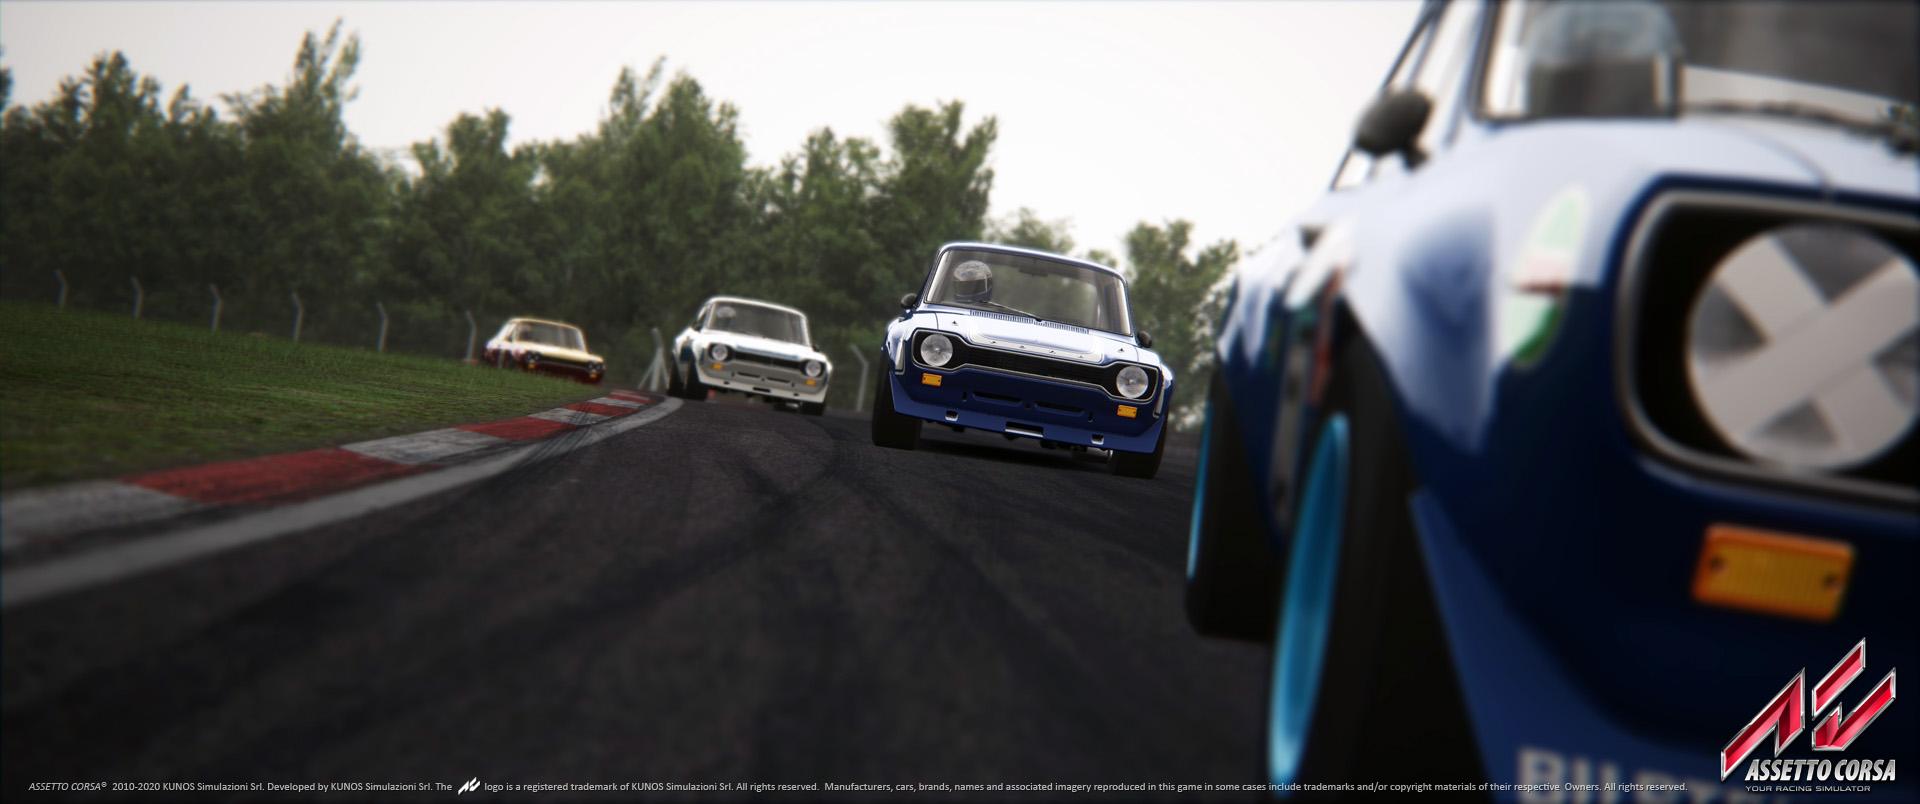 Odhalen Dream Pack 3 pro Assetto Corsa 117140